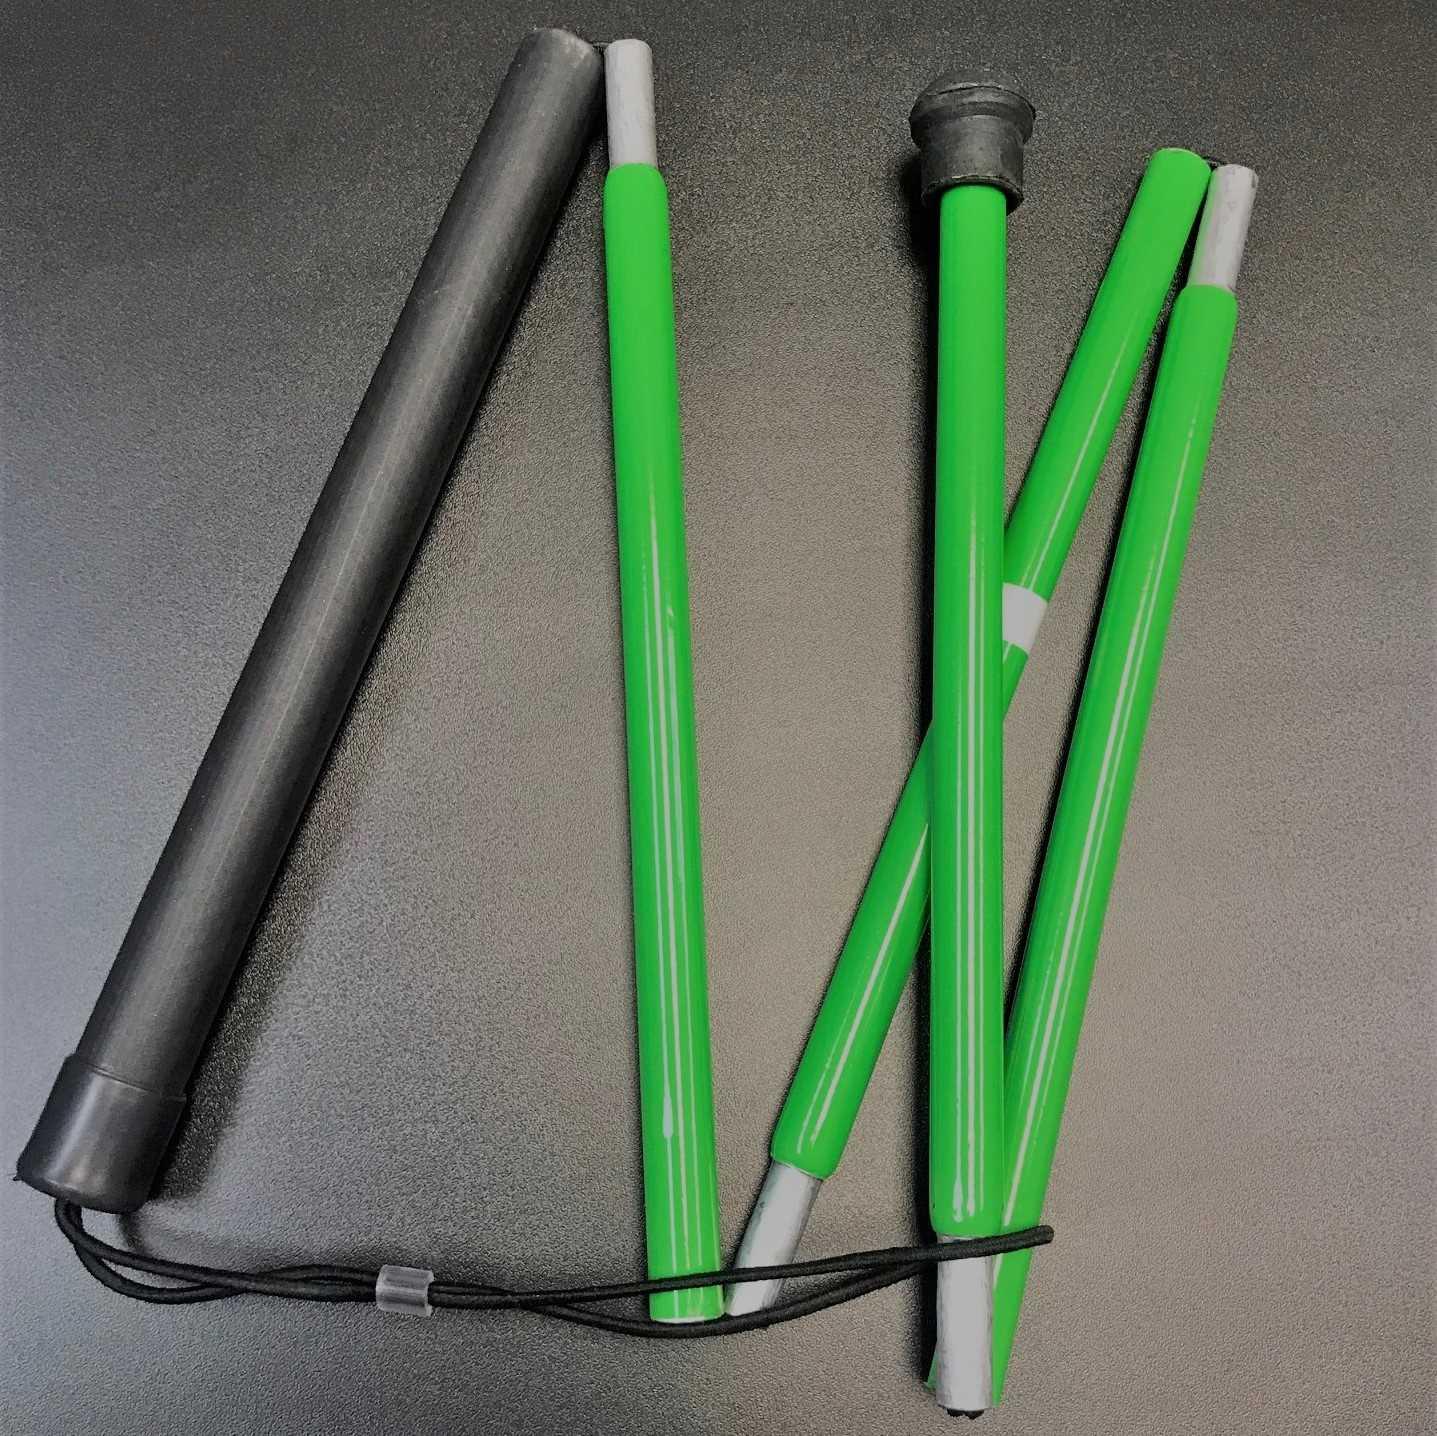 Bengala Verde para Baixa Visão Dobrável em 5 partes - 0,90m